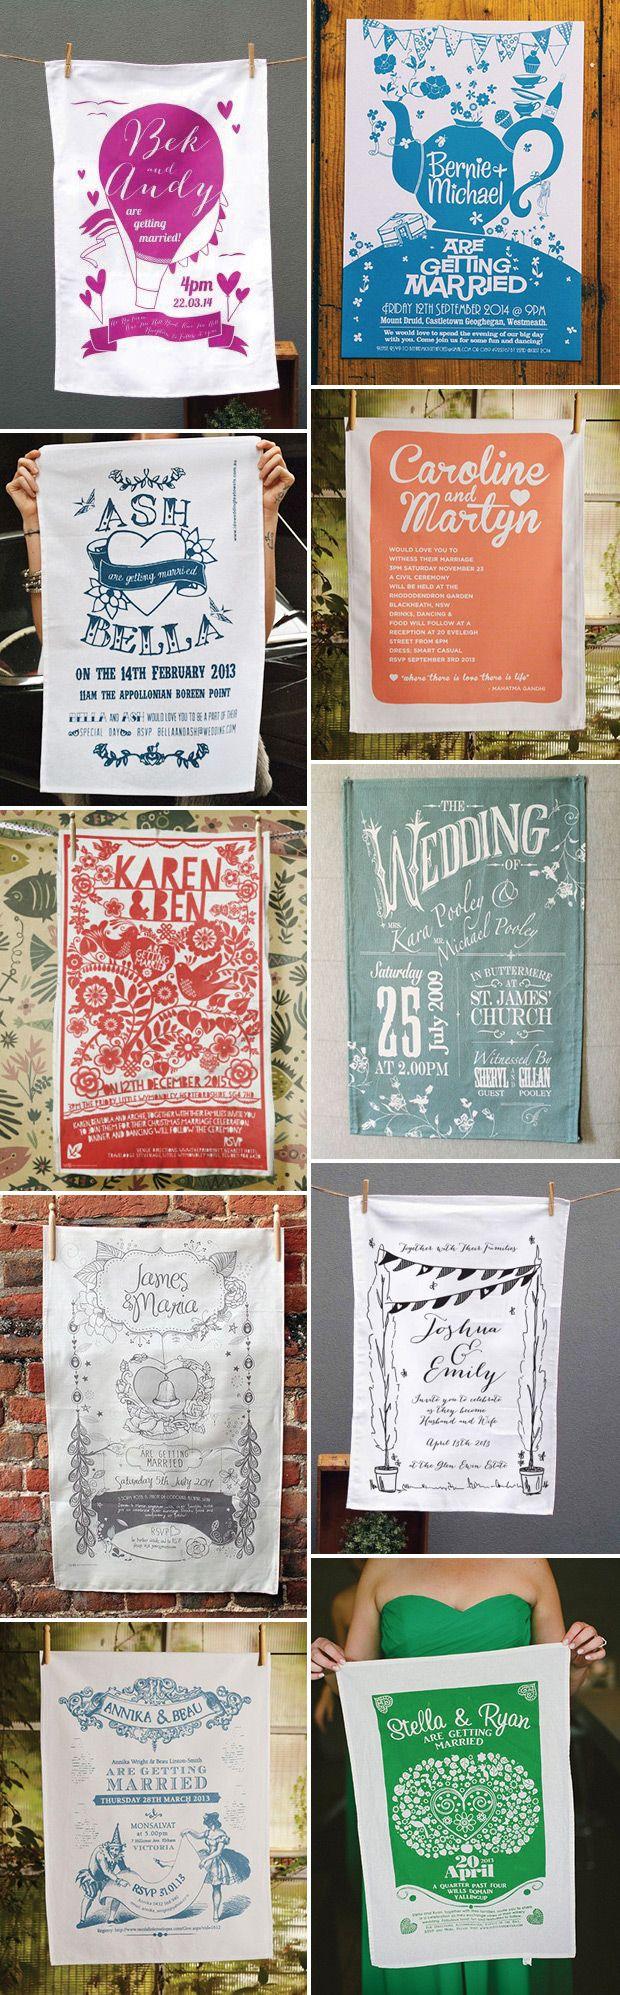 A Unique Wedding Invitation Idea | Wedding Tea Towels | www.onefabday.com